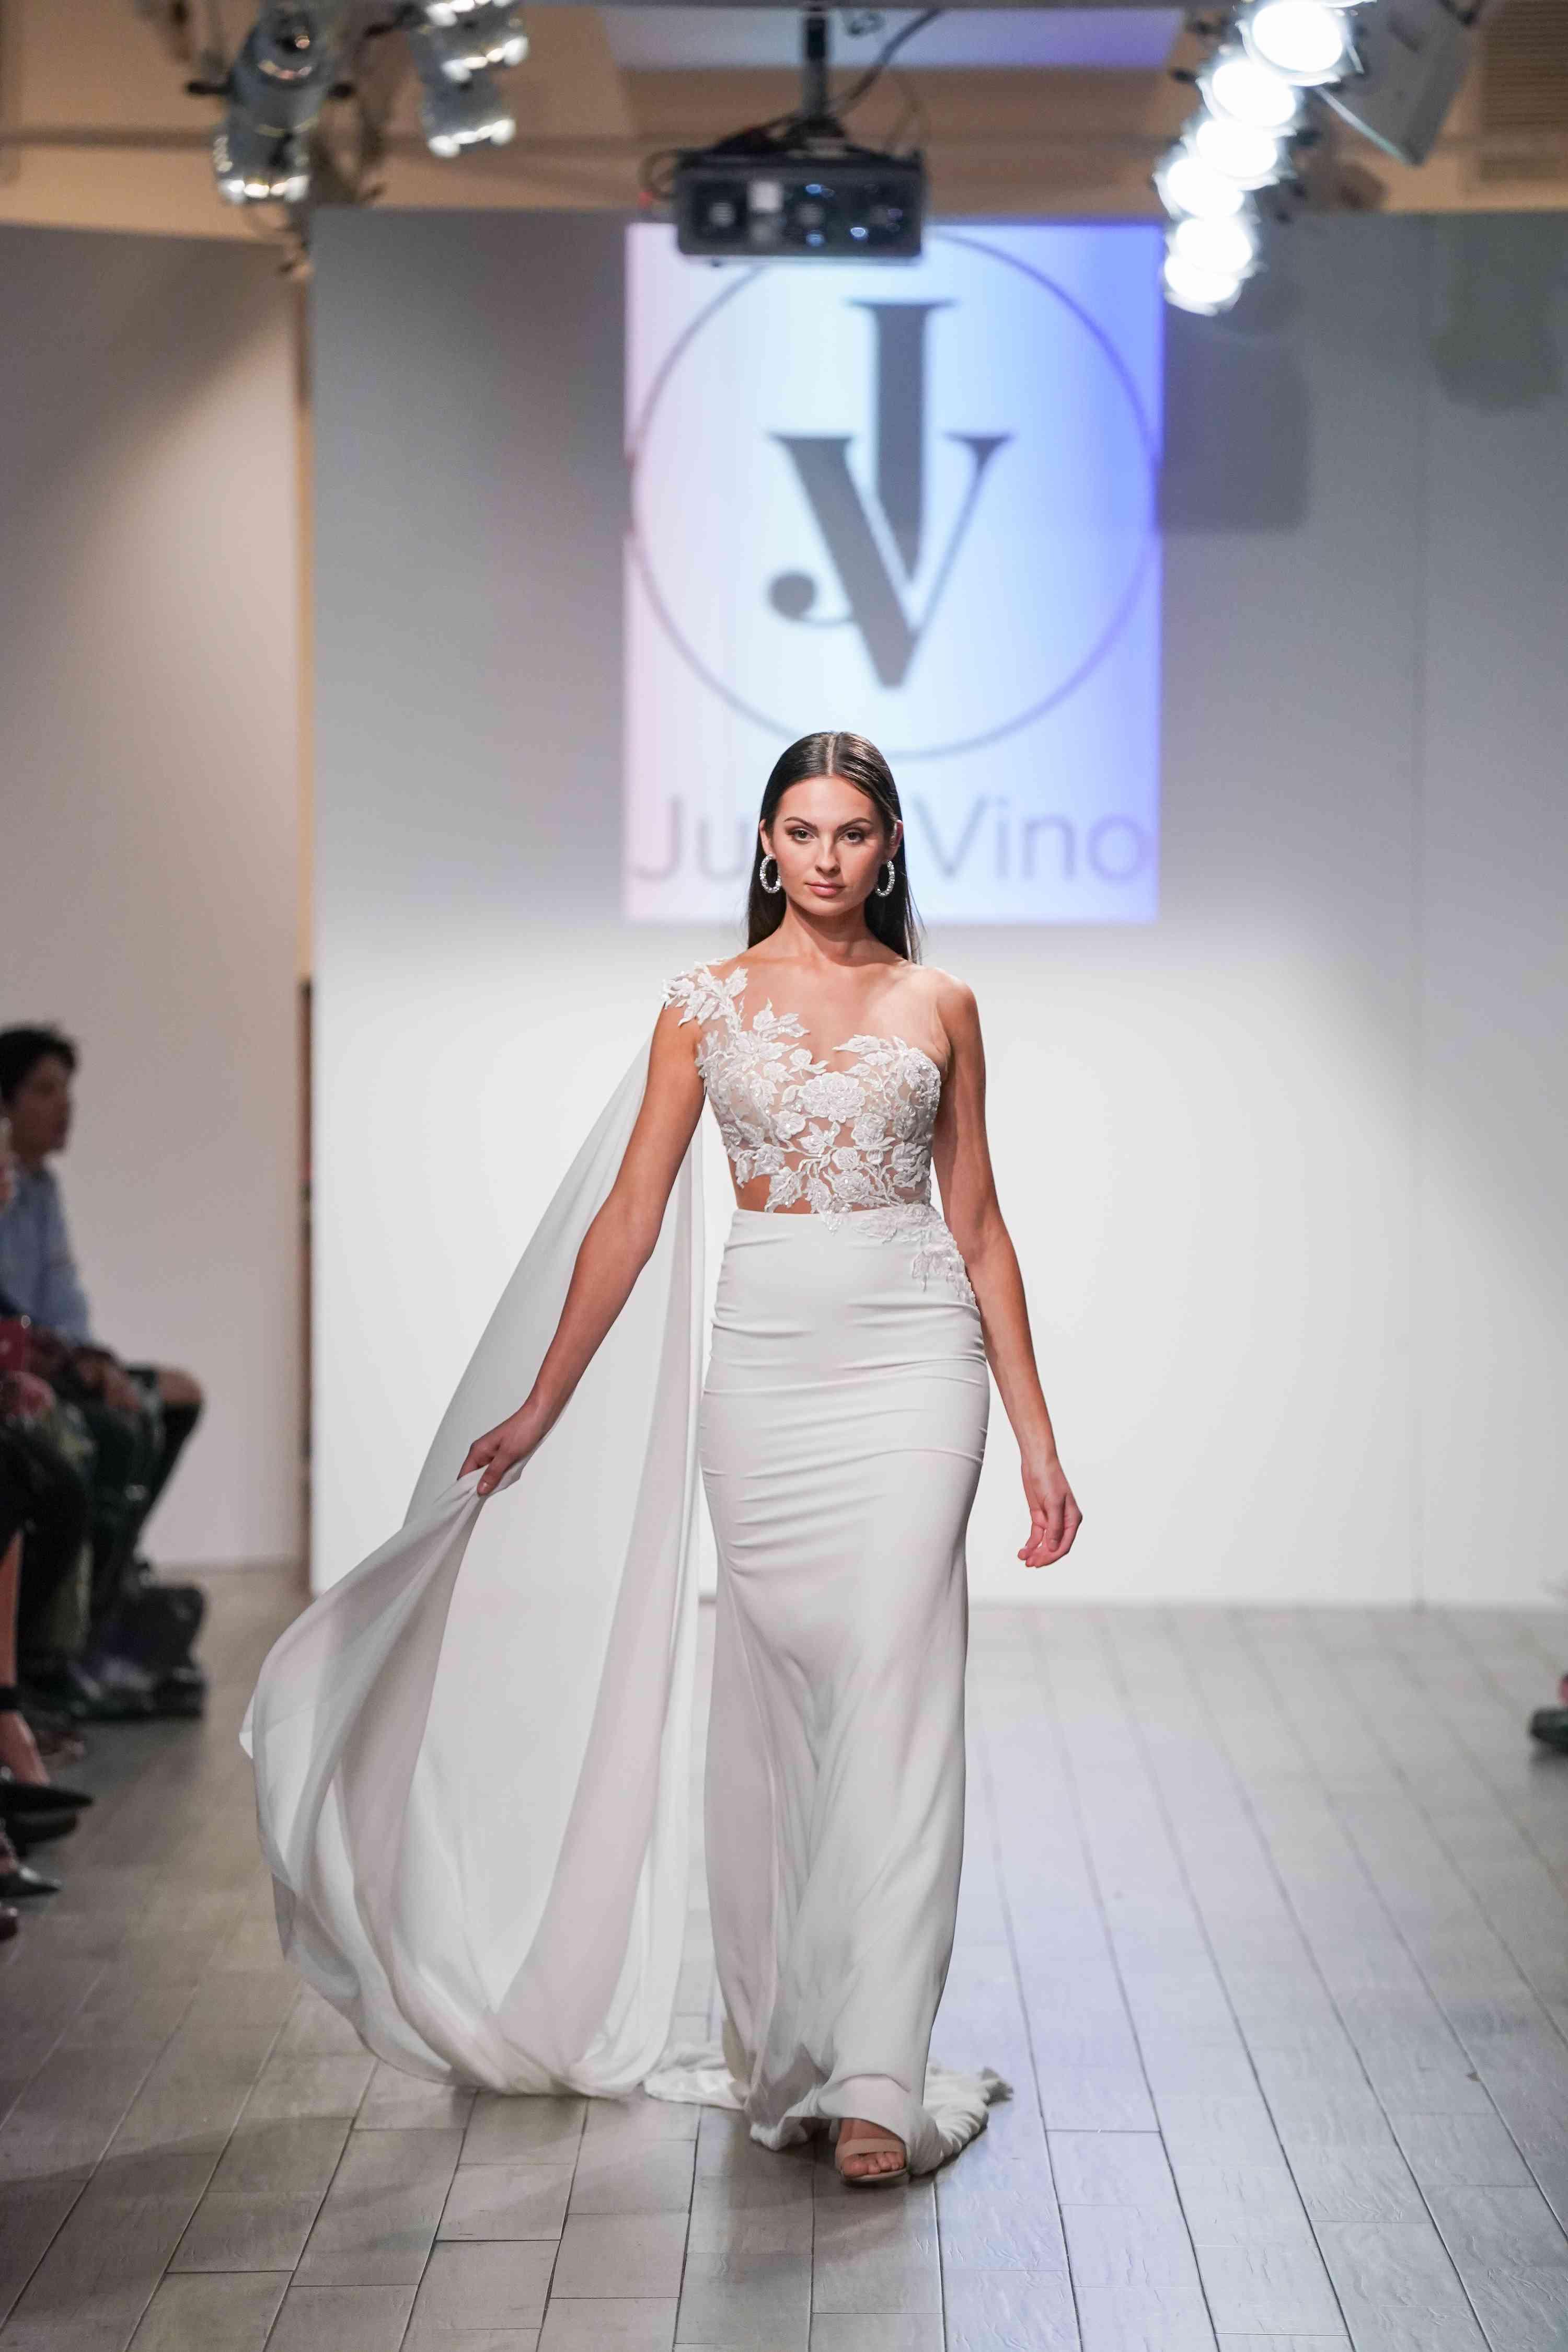 Model in one-shoulder wedding dress